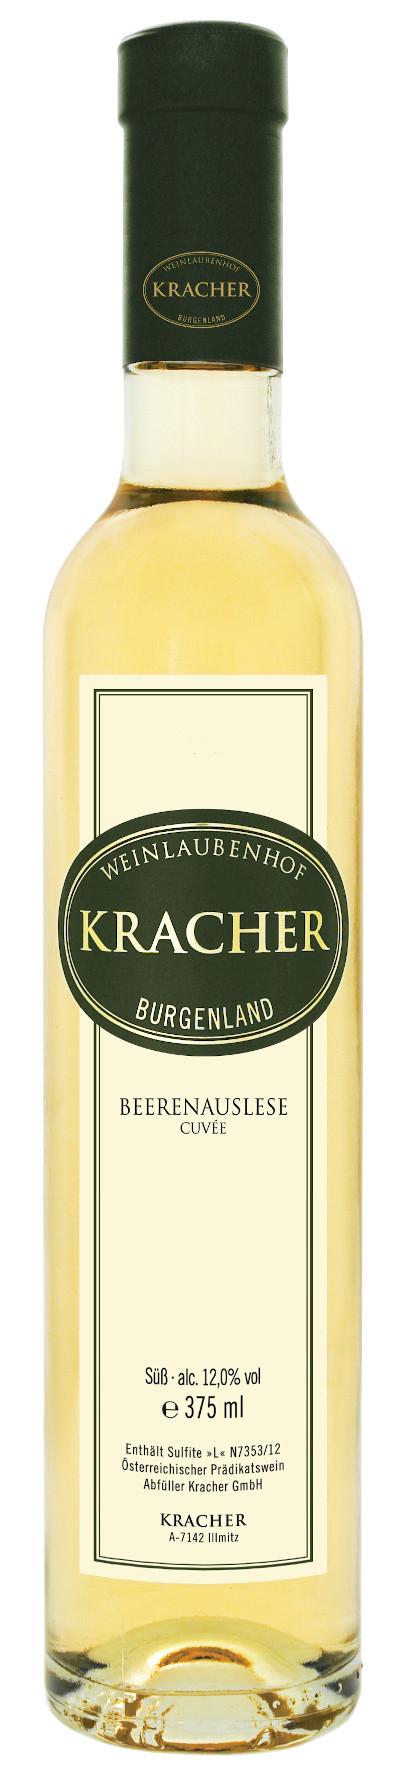 Kracher - Beerenauslese Cuvée